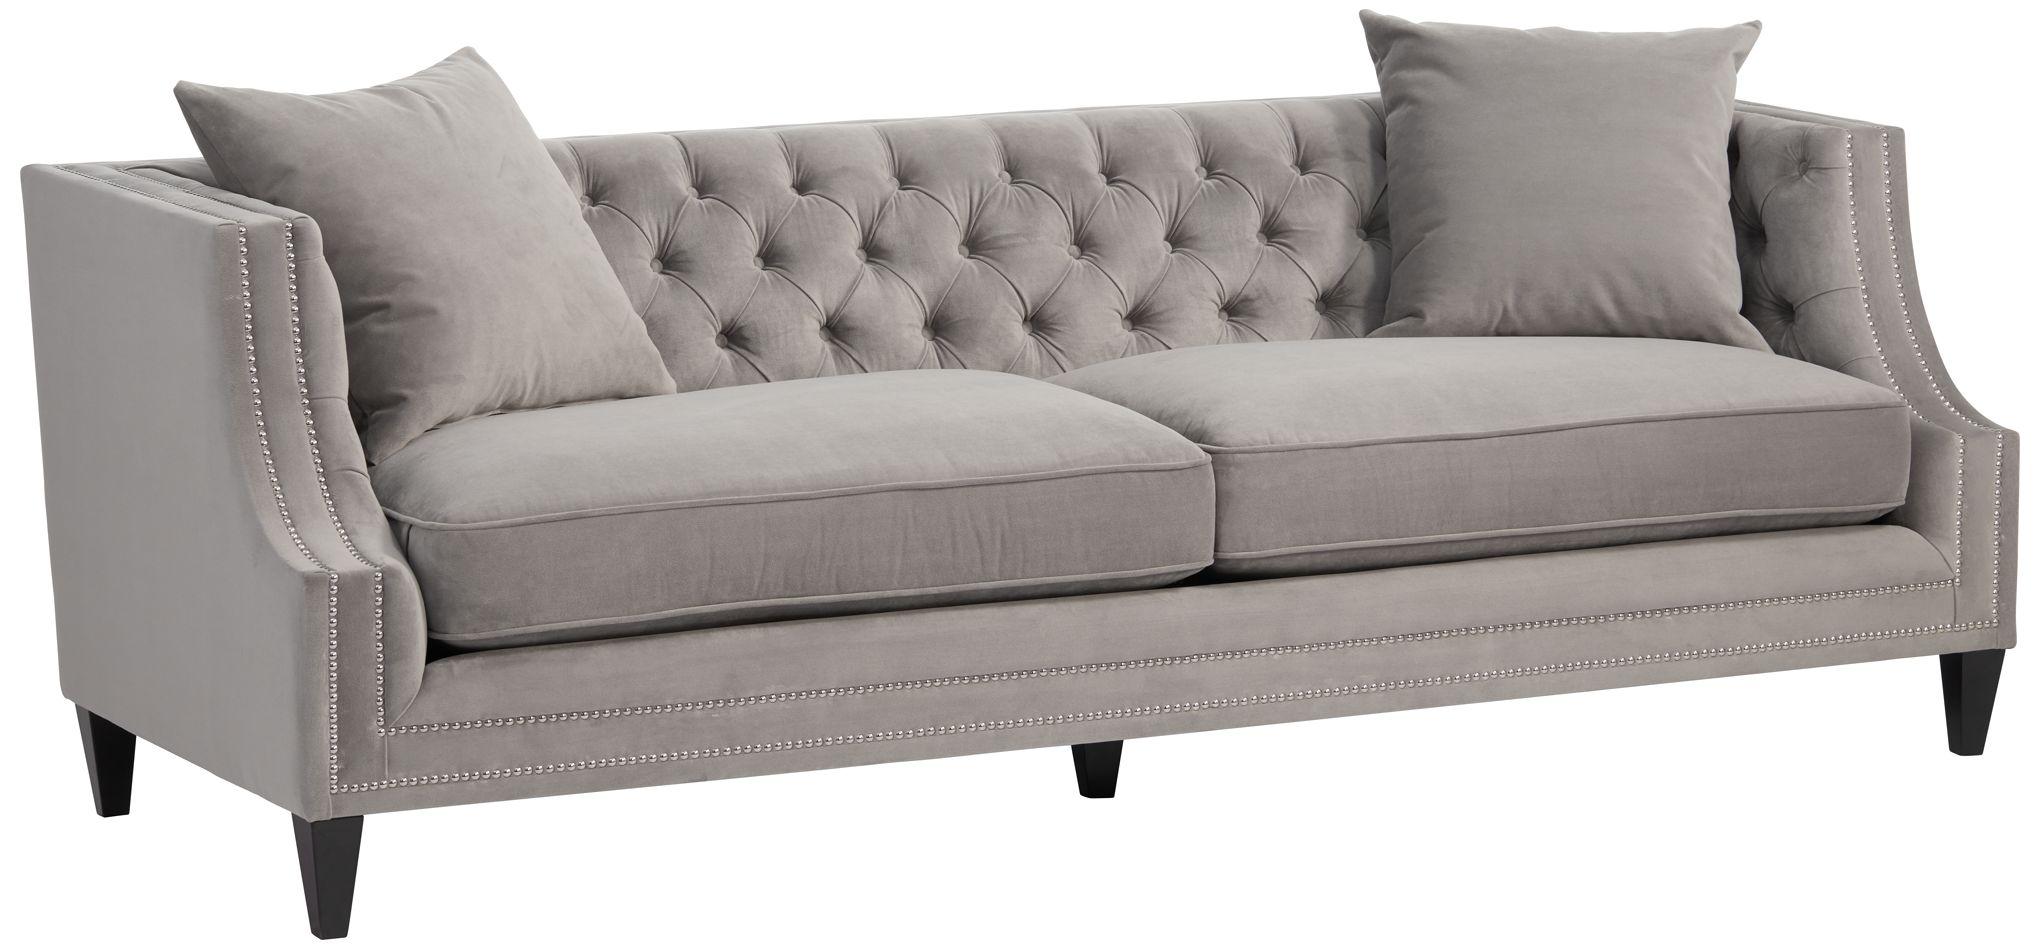 Marilyn Gray Velvet Tufted Upholstered Sofa